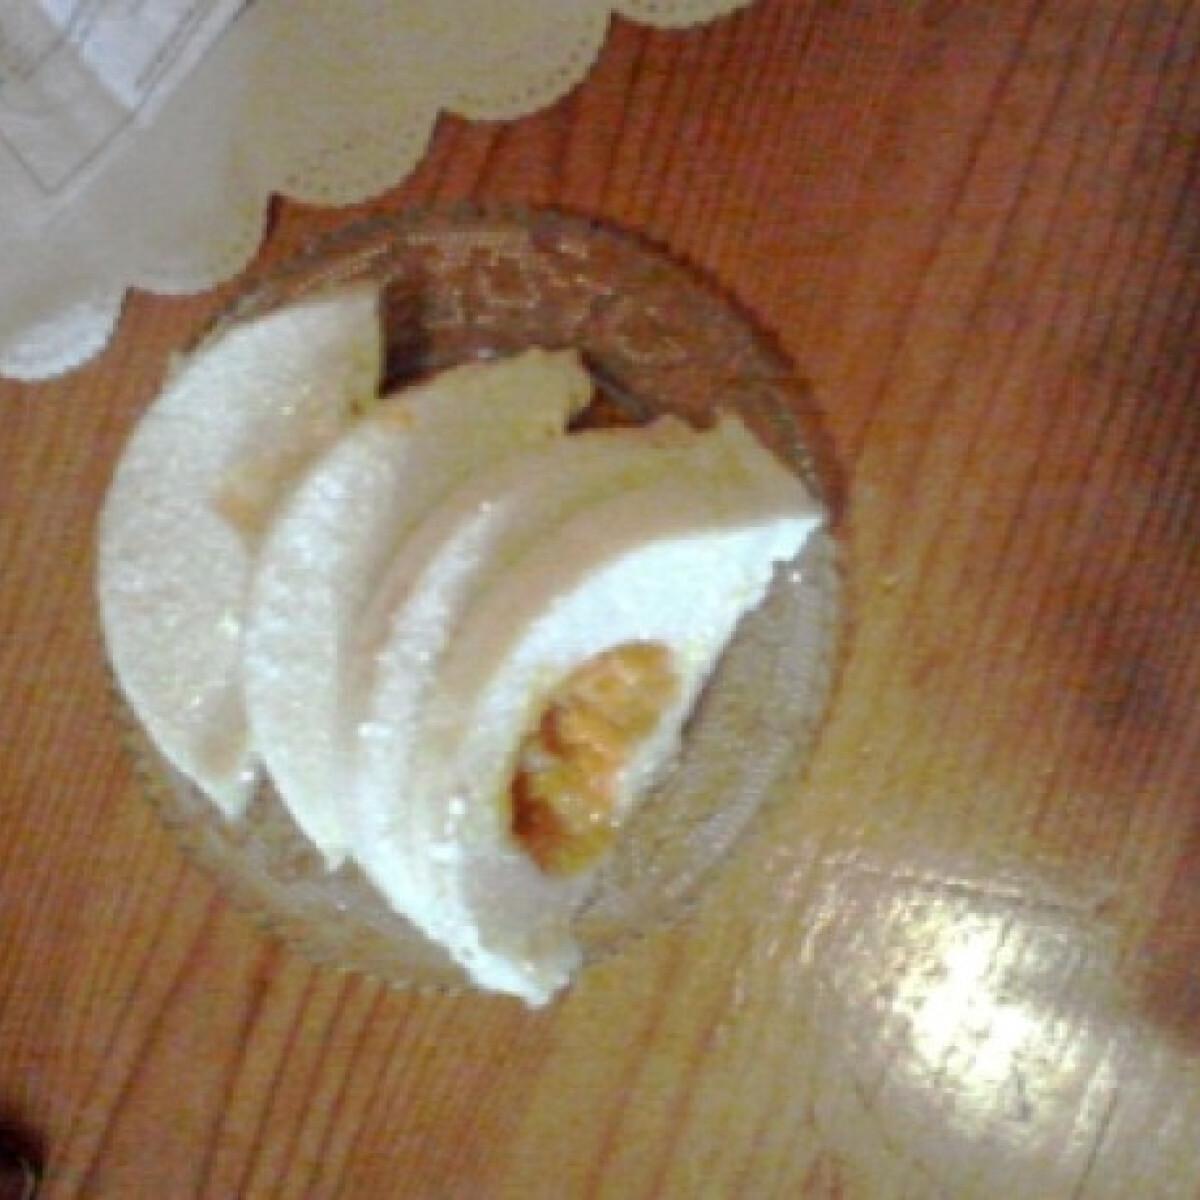 Őzgerincben készült túrós süti